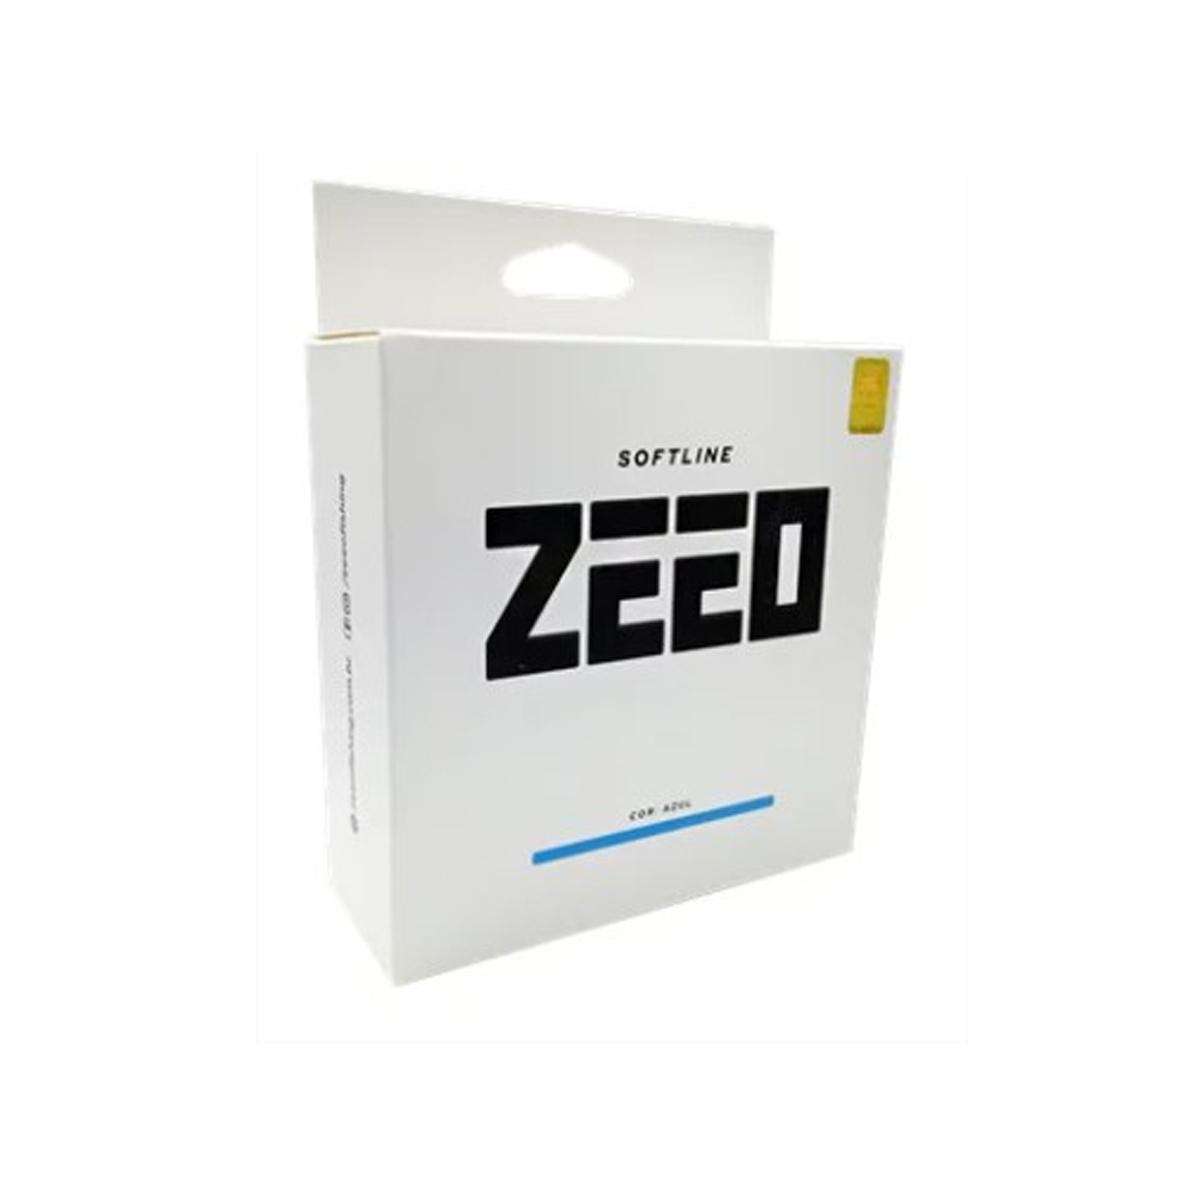 Linha Zeeo Softline 300 m (Azul)  - Pró Pesca Shop